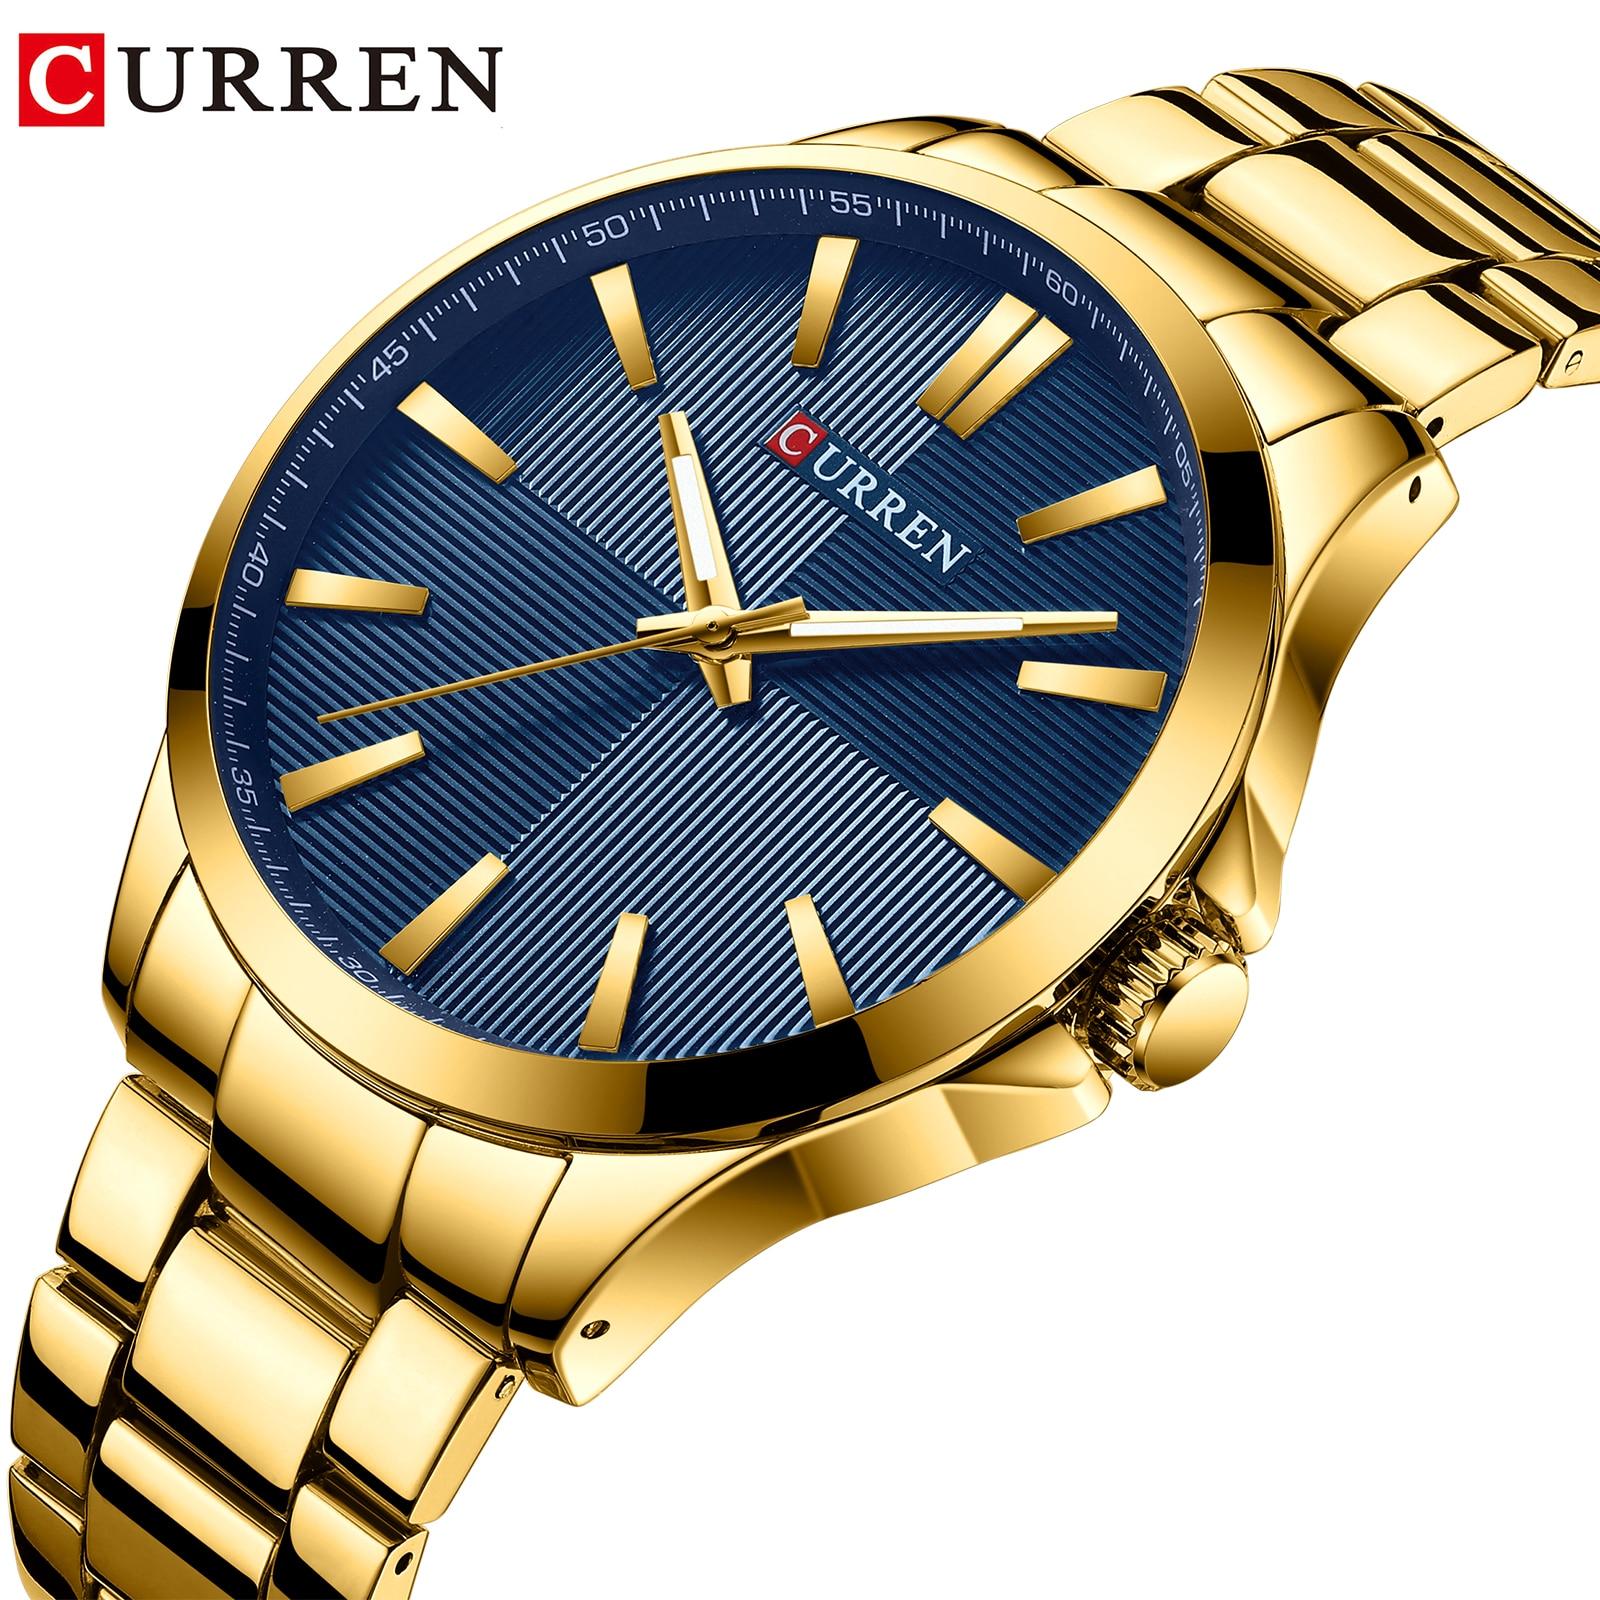 CURREN Gold Men Sport Watch Quartz Wristwatches Business Clock Stainless Steel Luxury Brand Waterproof Relogio Masculino